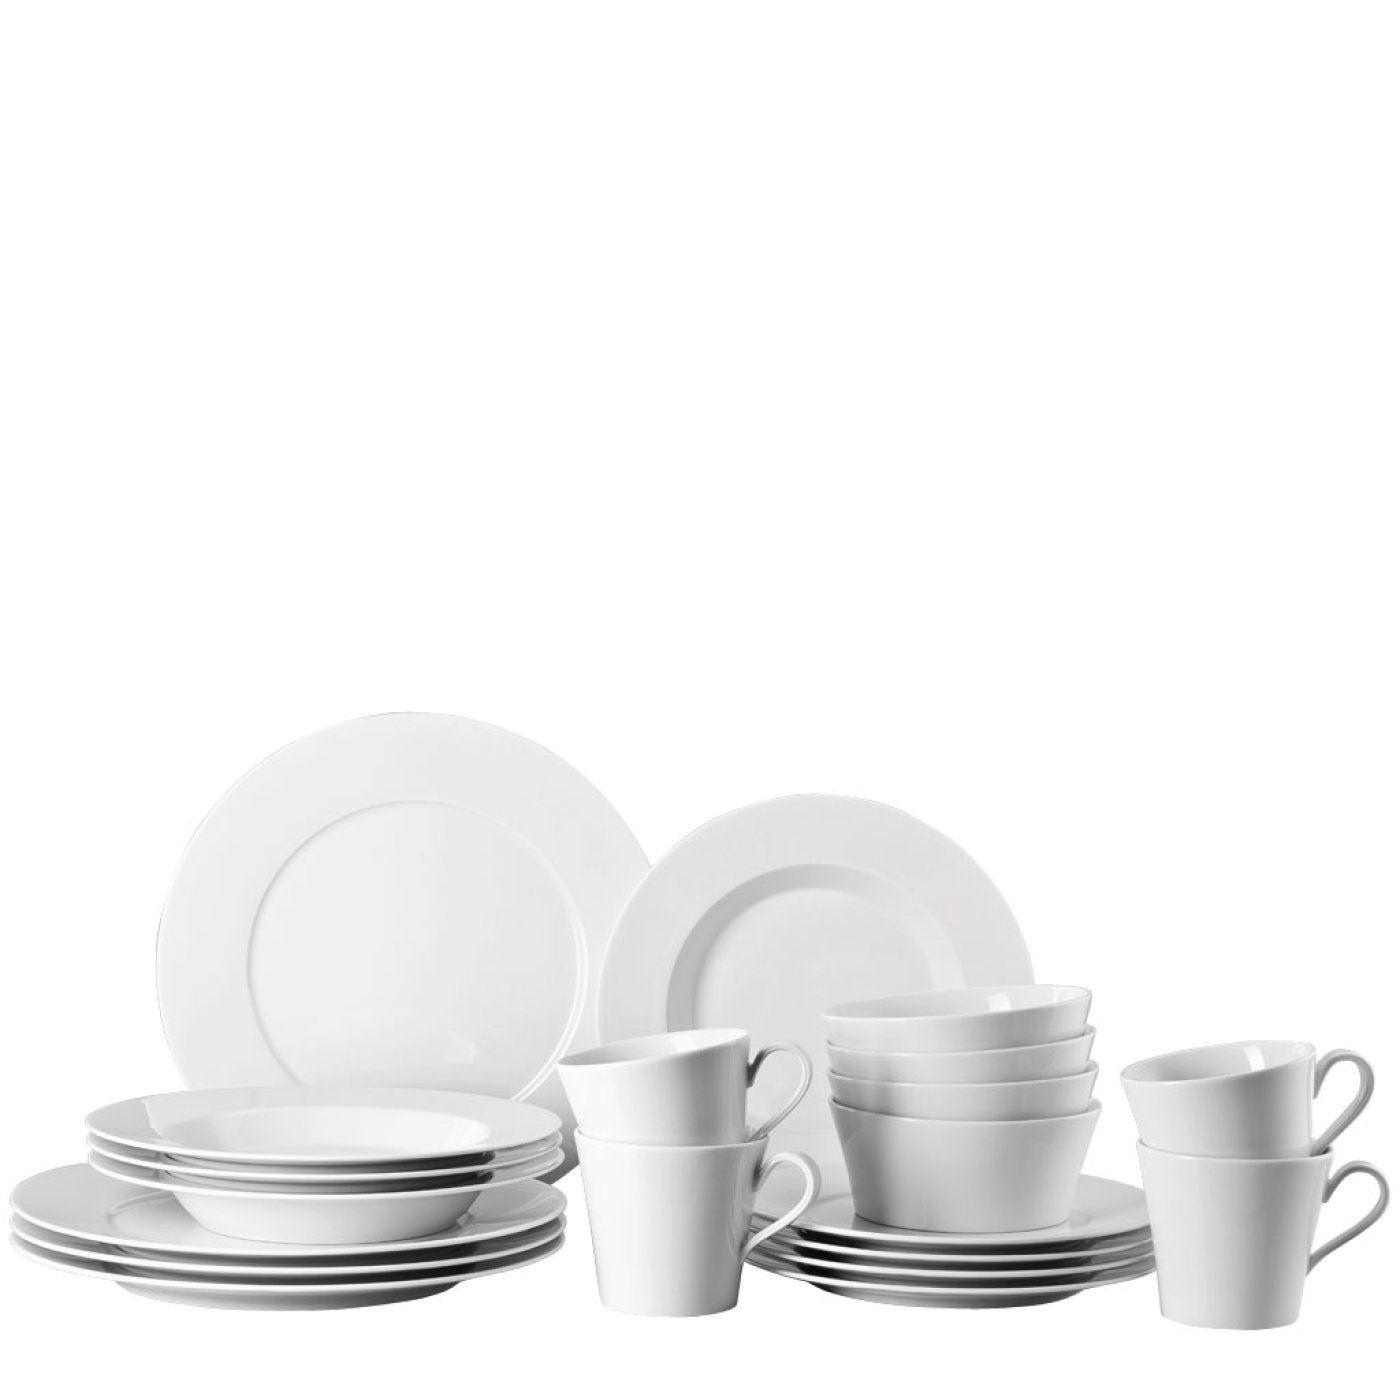 Großzügig Küche Geschirrsets Zeitgenössisch - Küche Set Ideen ...